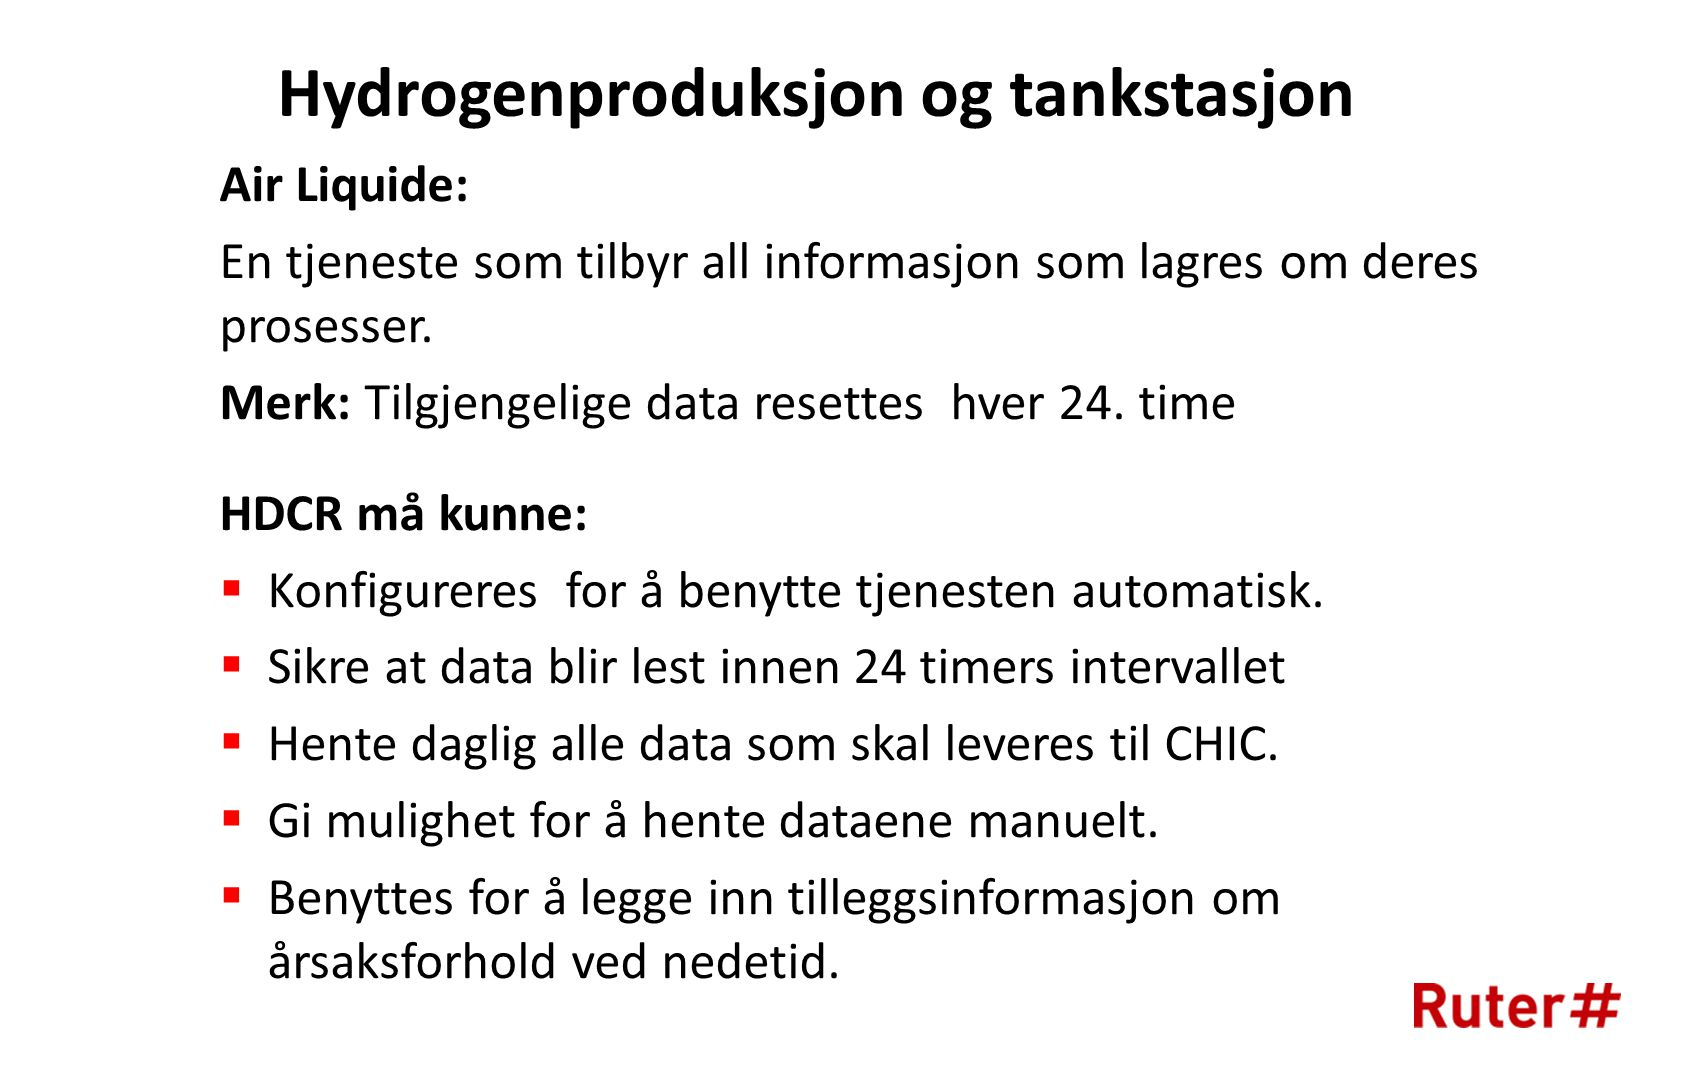 Hydrogenproduksjon og tankstasjon